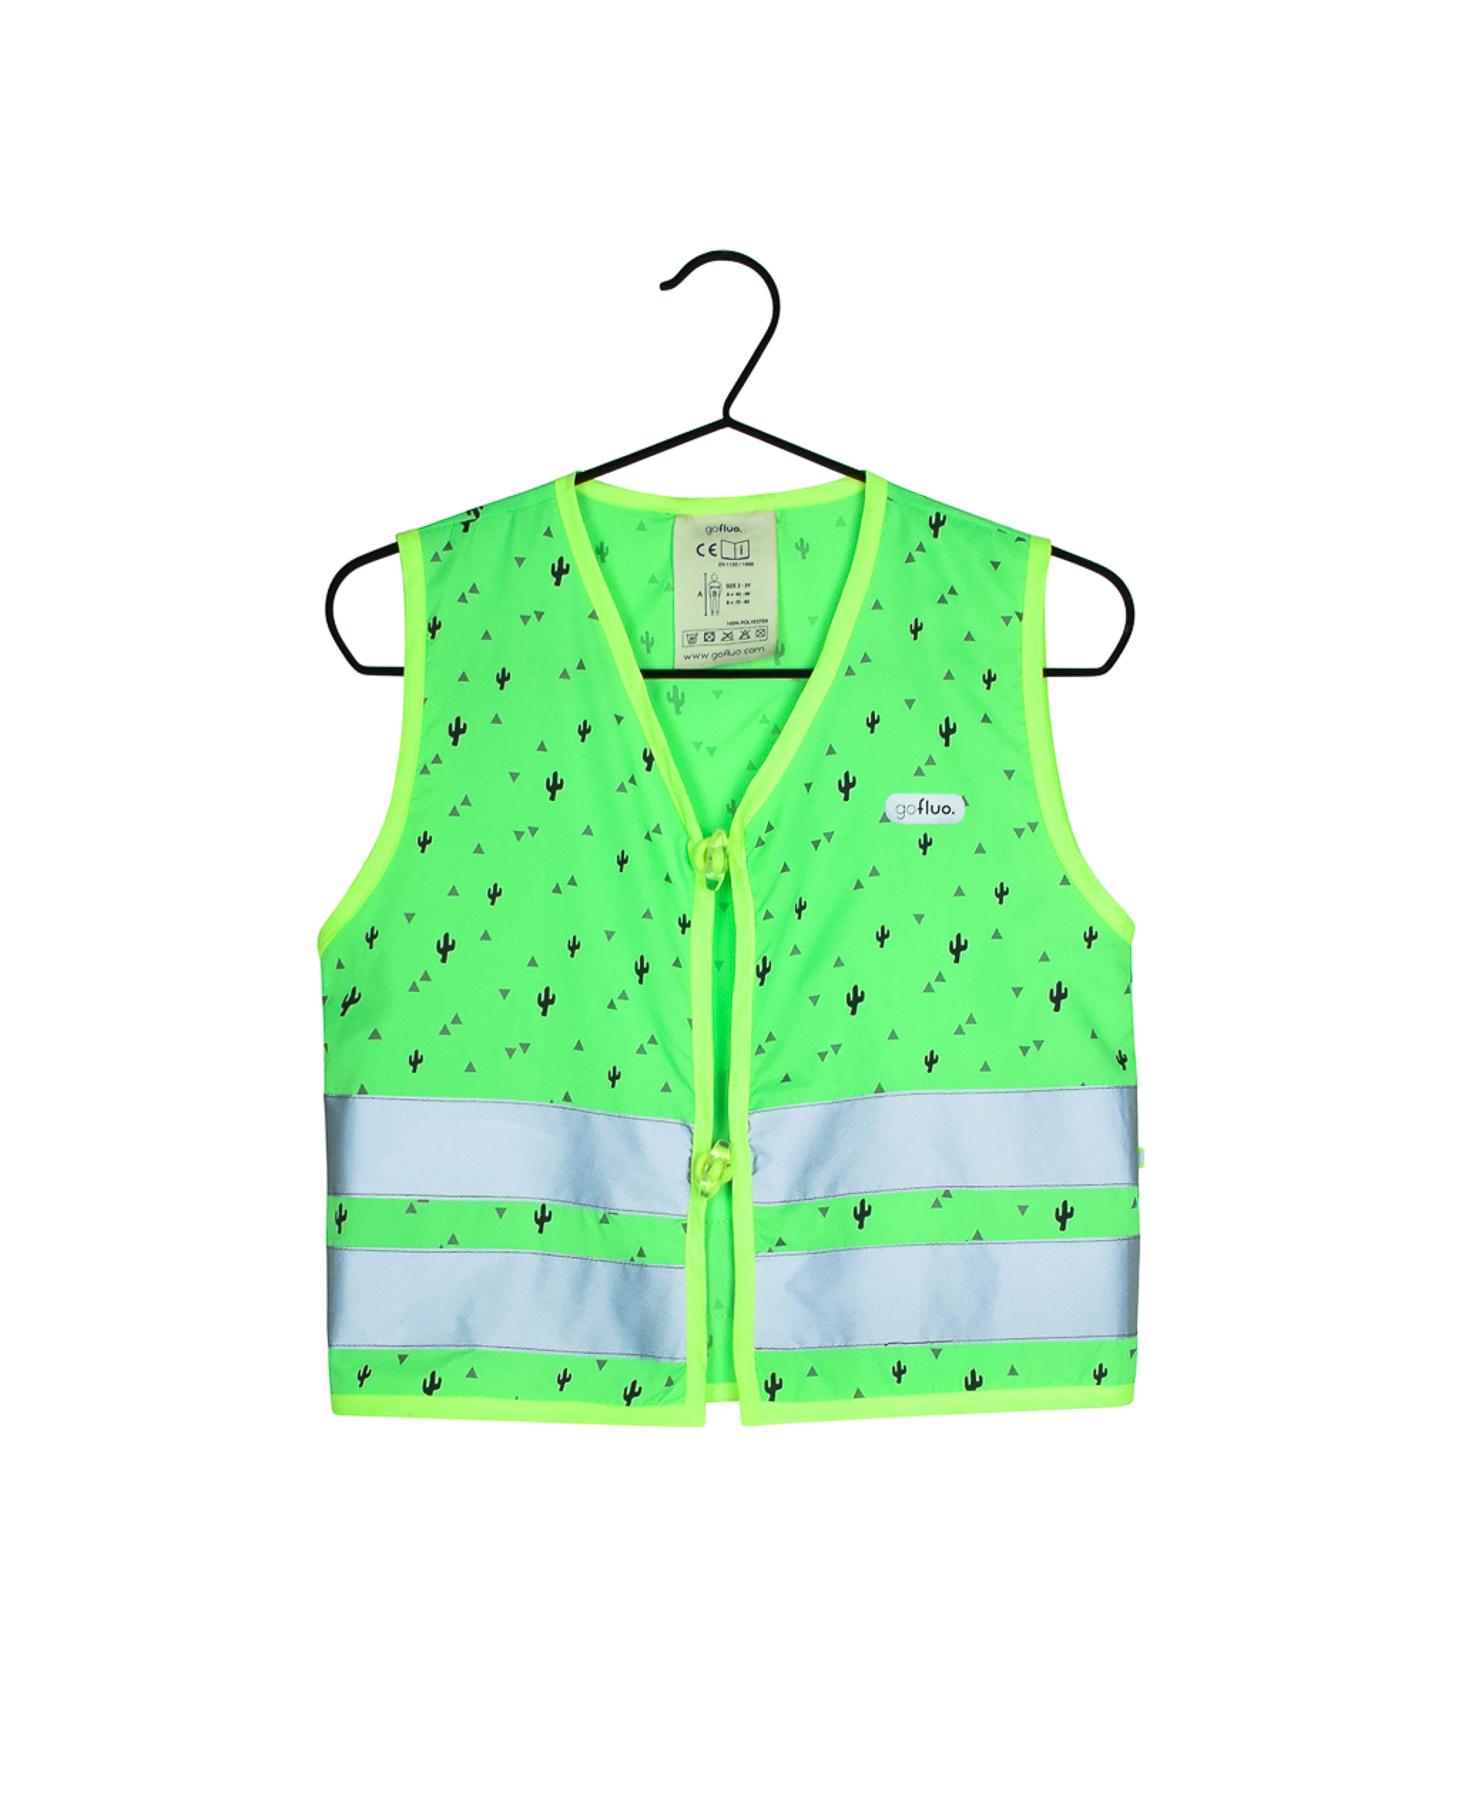 Fluohesje Phill groen size 2-3Y